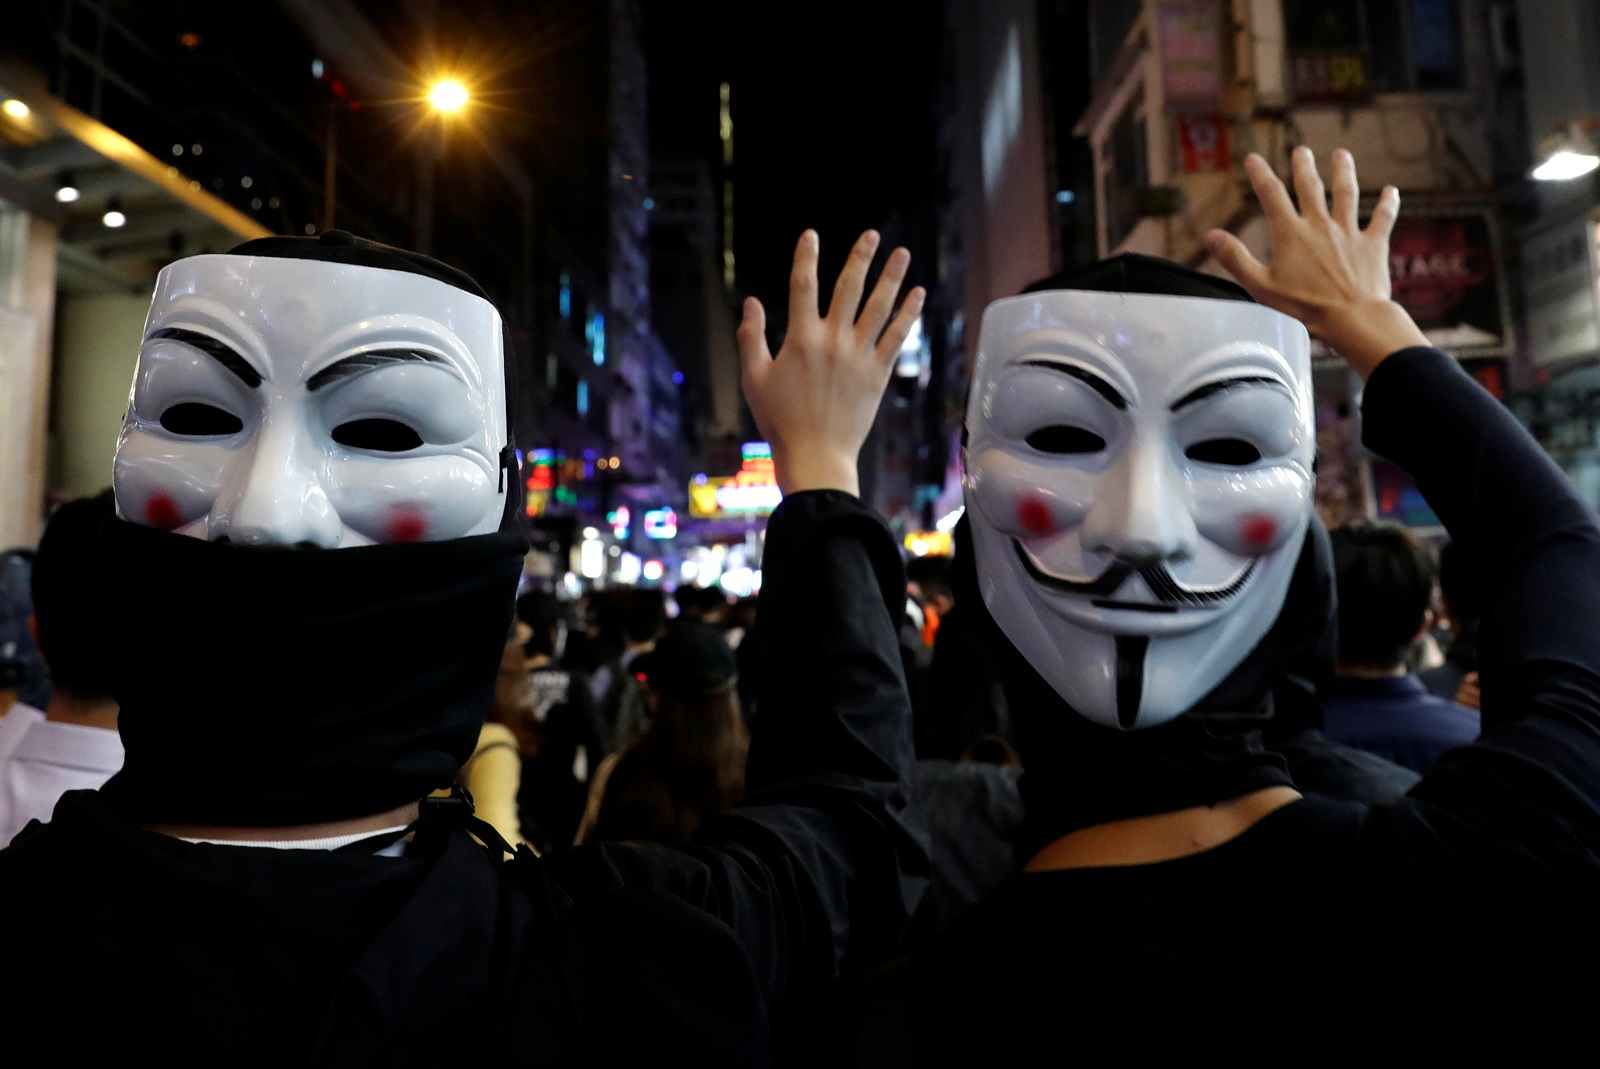 香港高等法院裁定《禁蒙面法》違憲 「超乎合理需要」